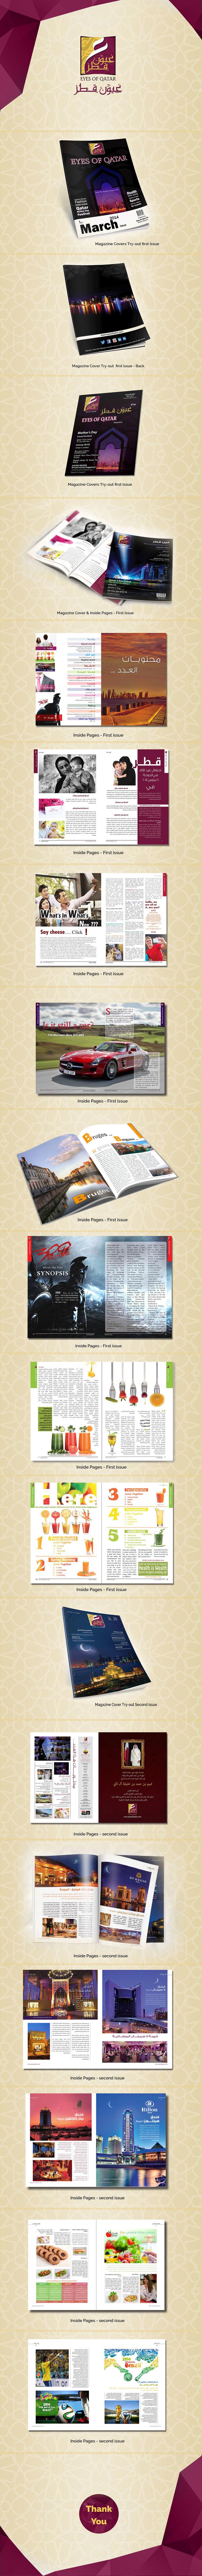 Eyes of Qatar Magazine